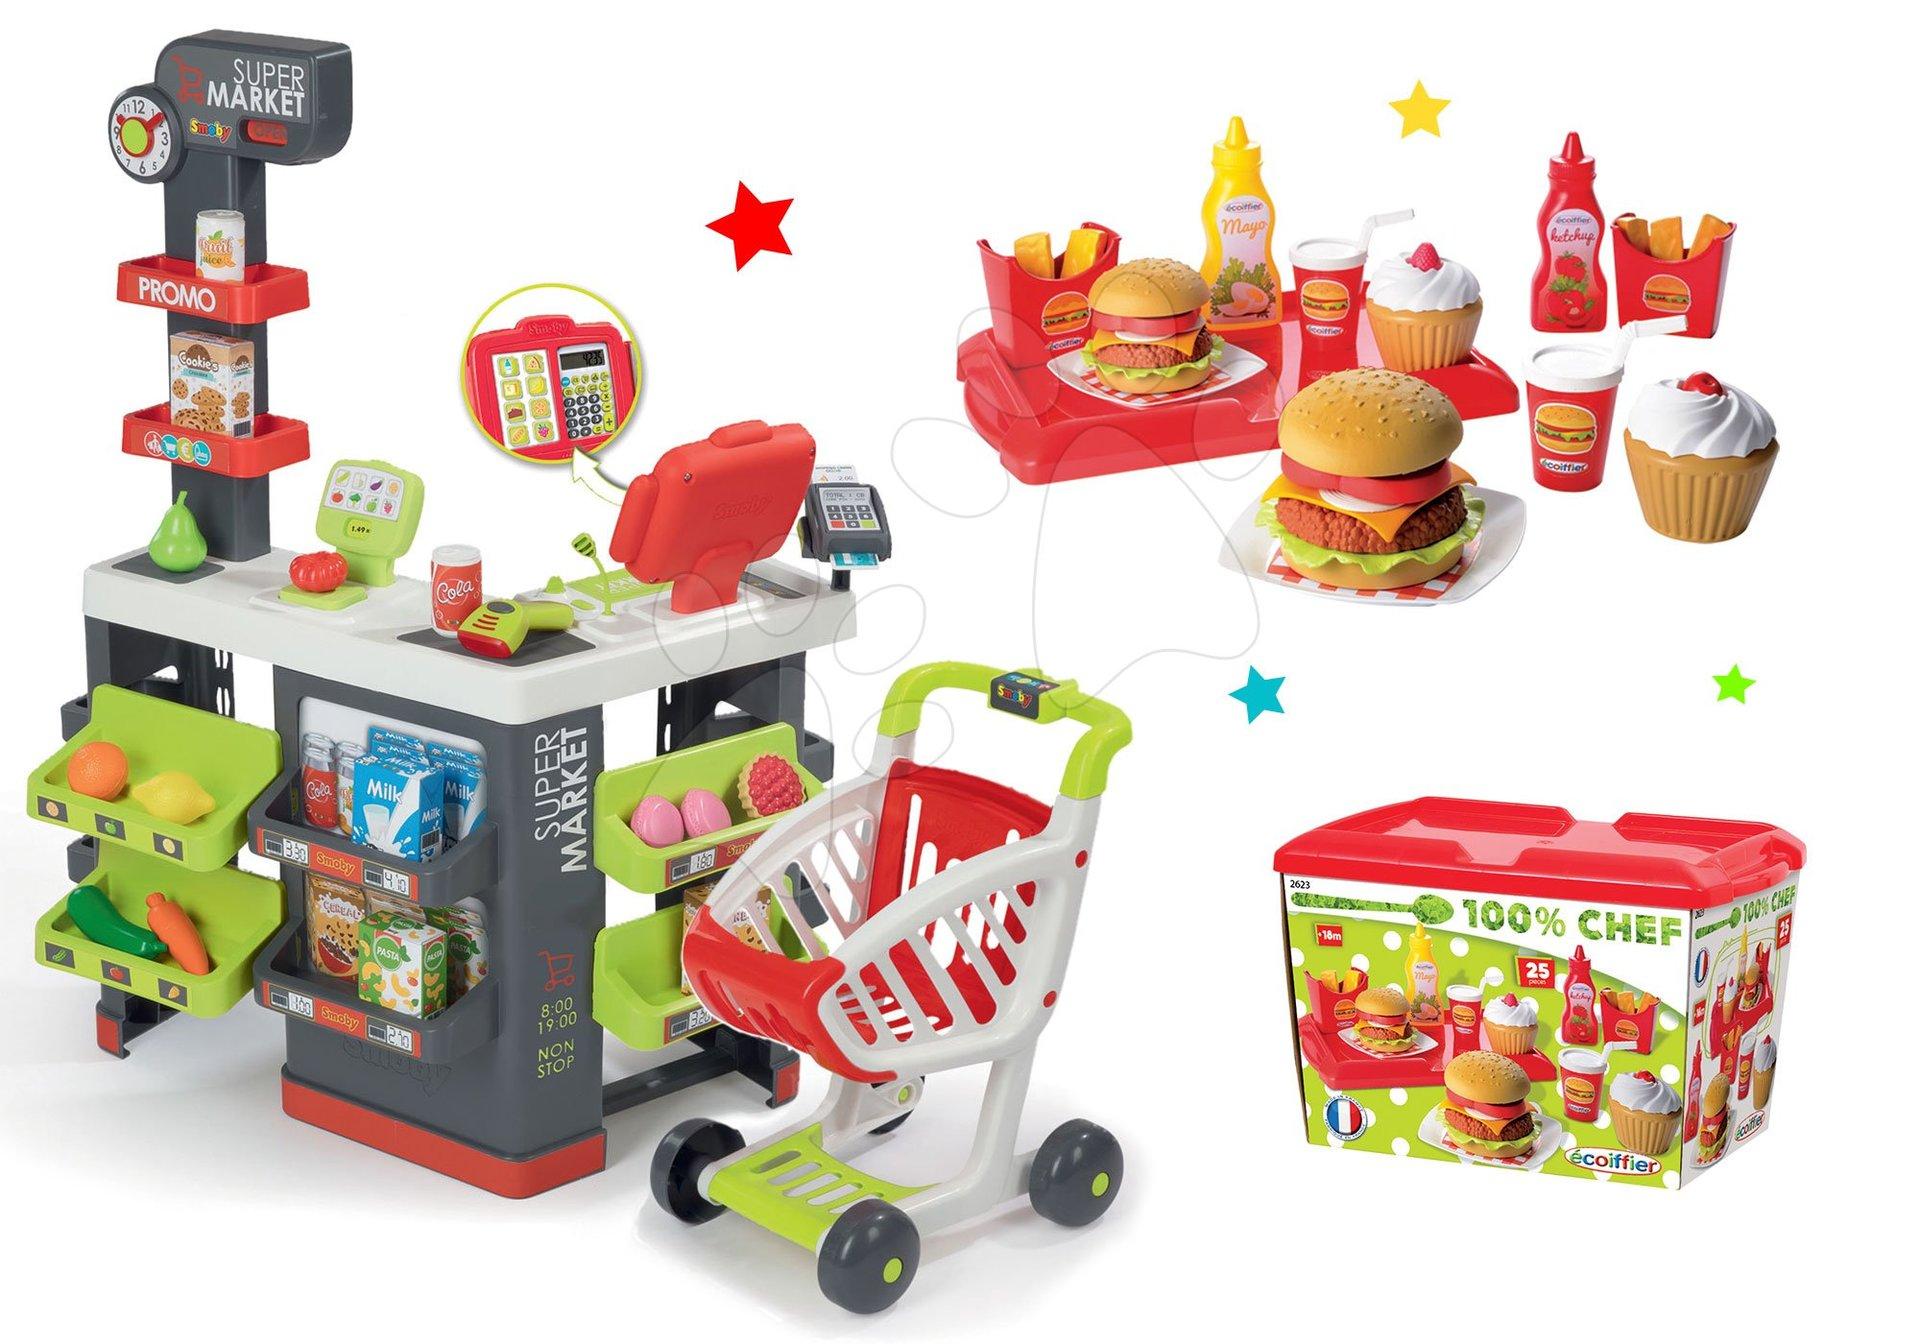 Smoby obchod Supermarket s pokladnou a Écoiffier hamburger set 350213-30